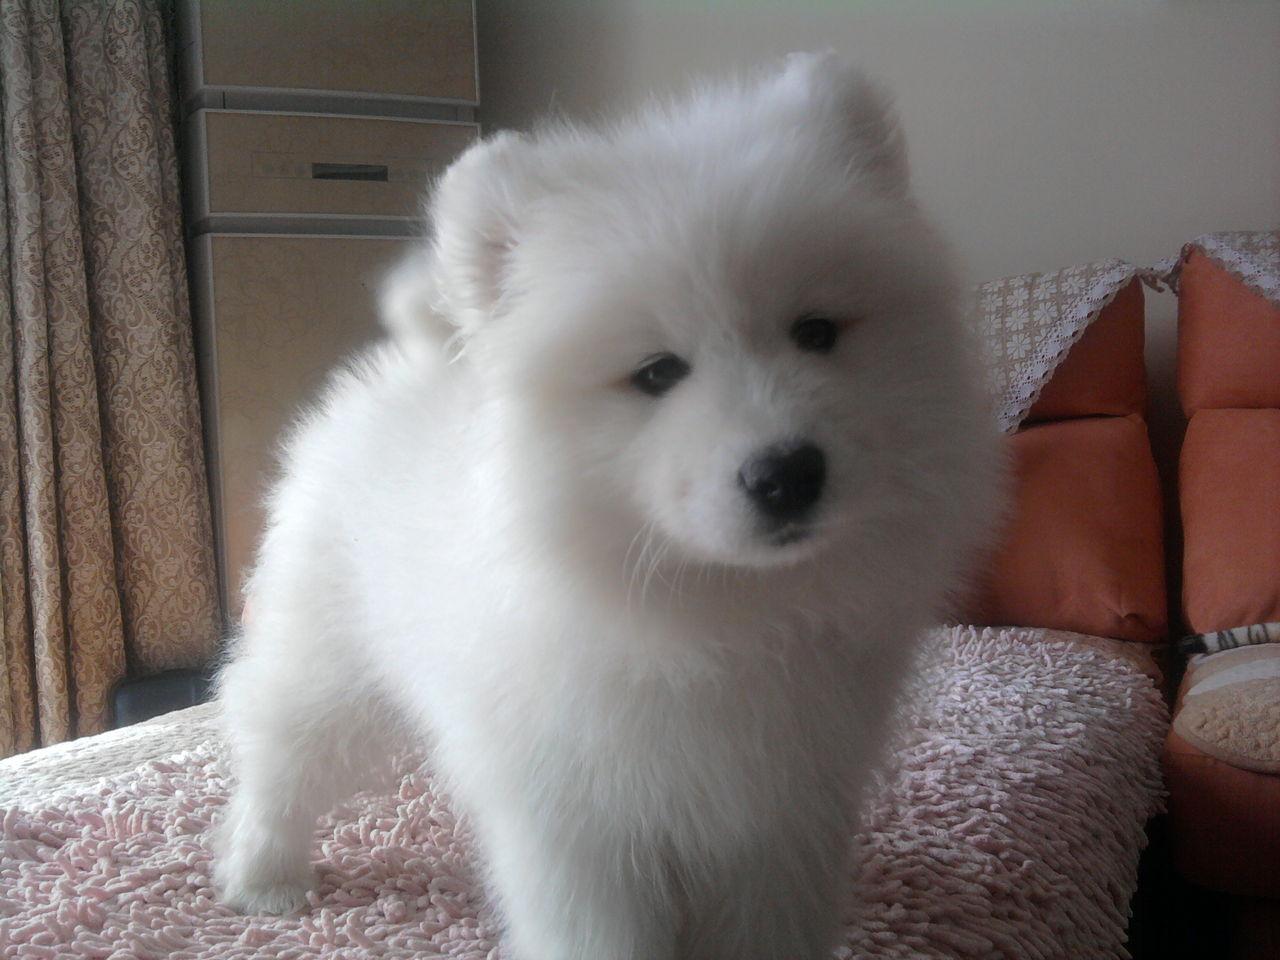 描写小狗的外形_怎么描写小狗的外貌-小狗的样子和特点描写,描写小狗外貌的句子 ...